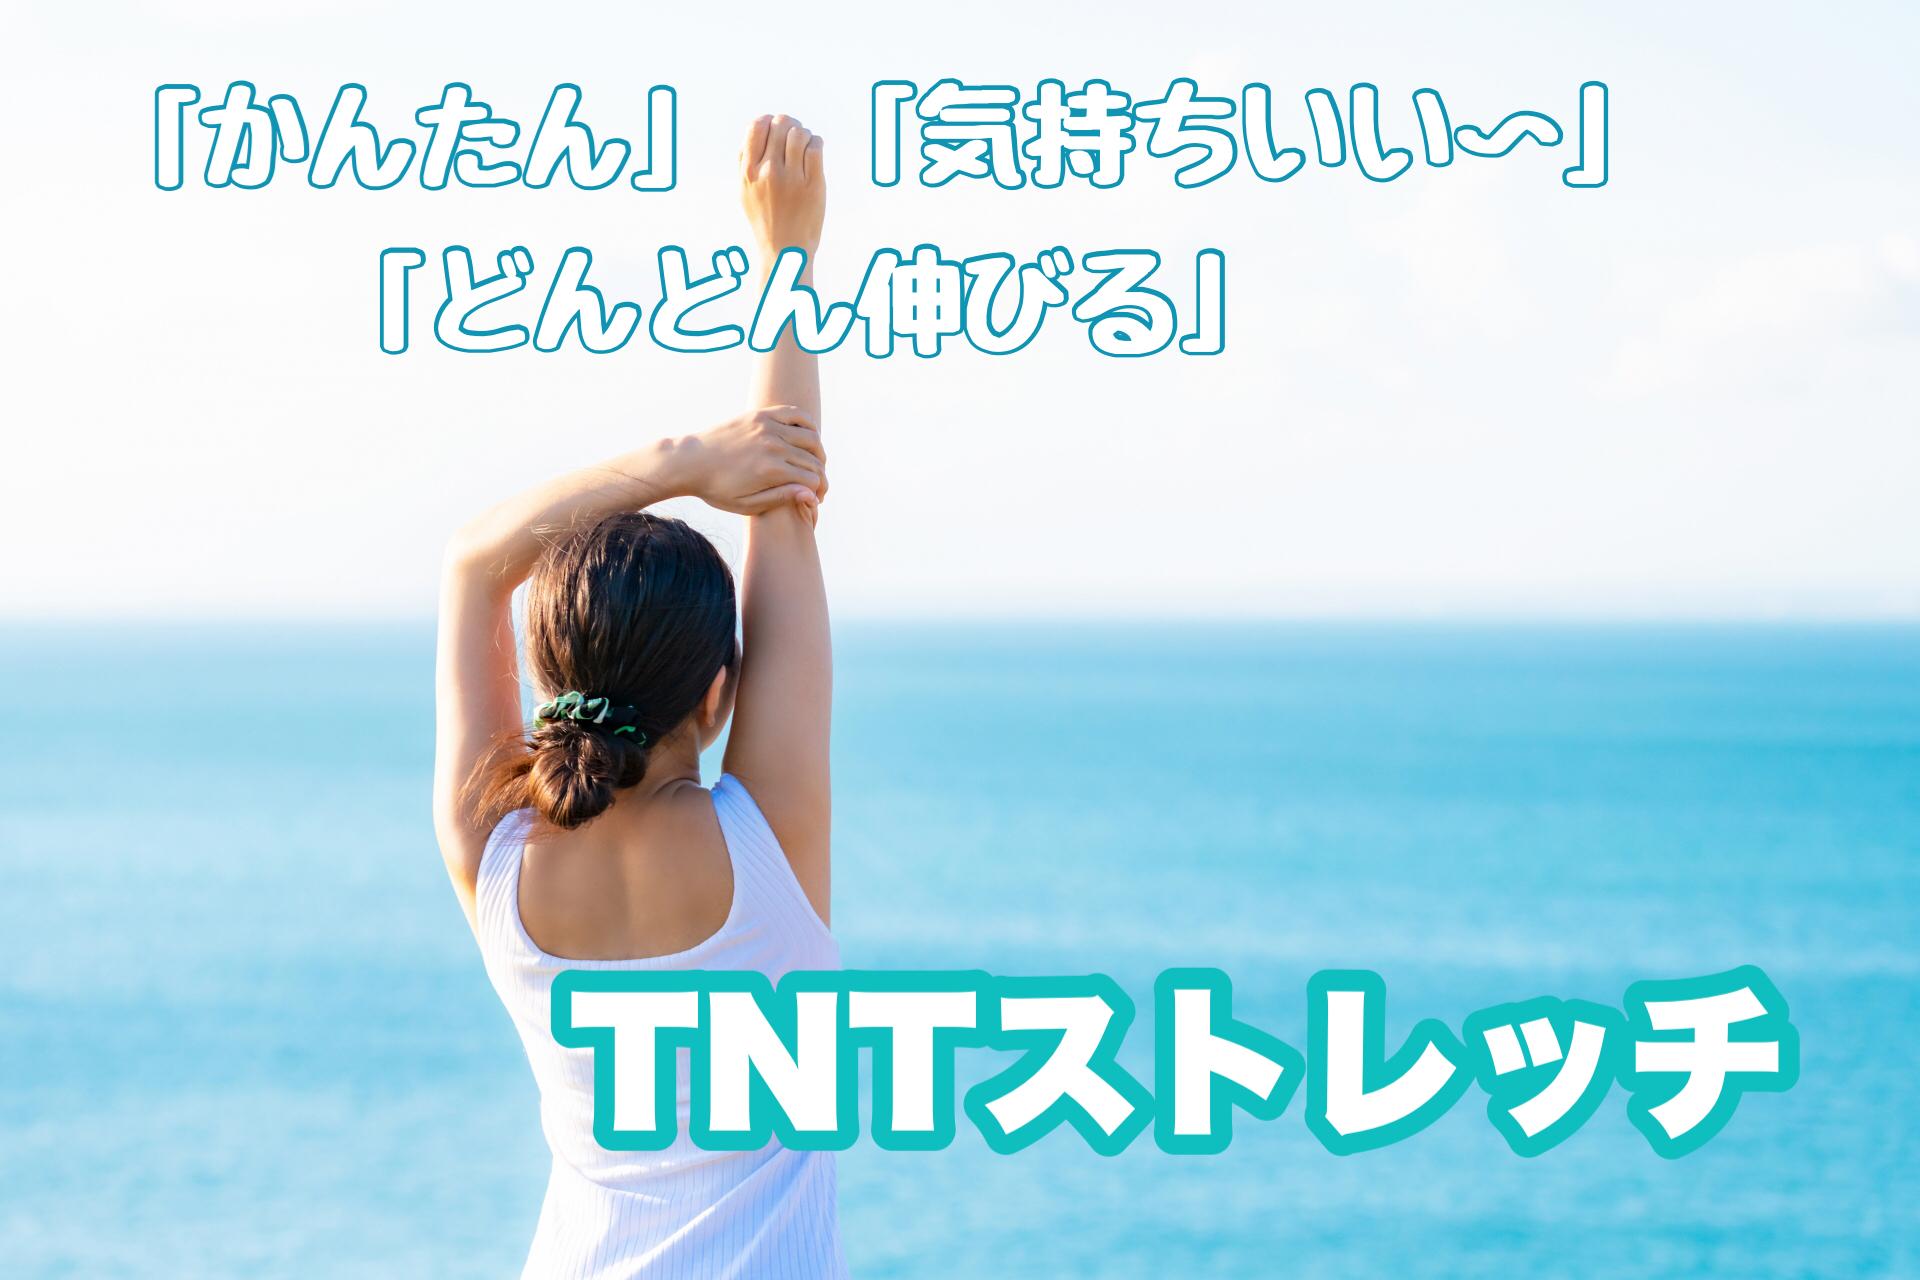 【逃した向け】今日から3日間がチャンス!